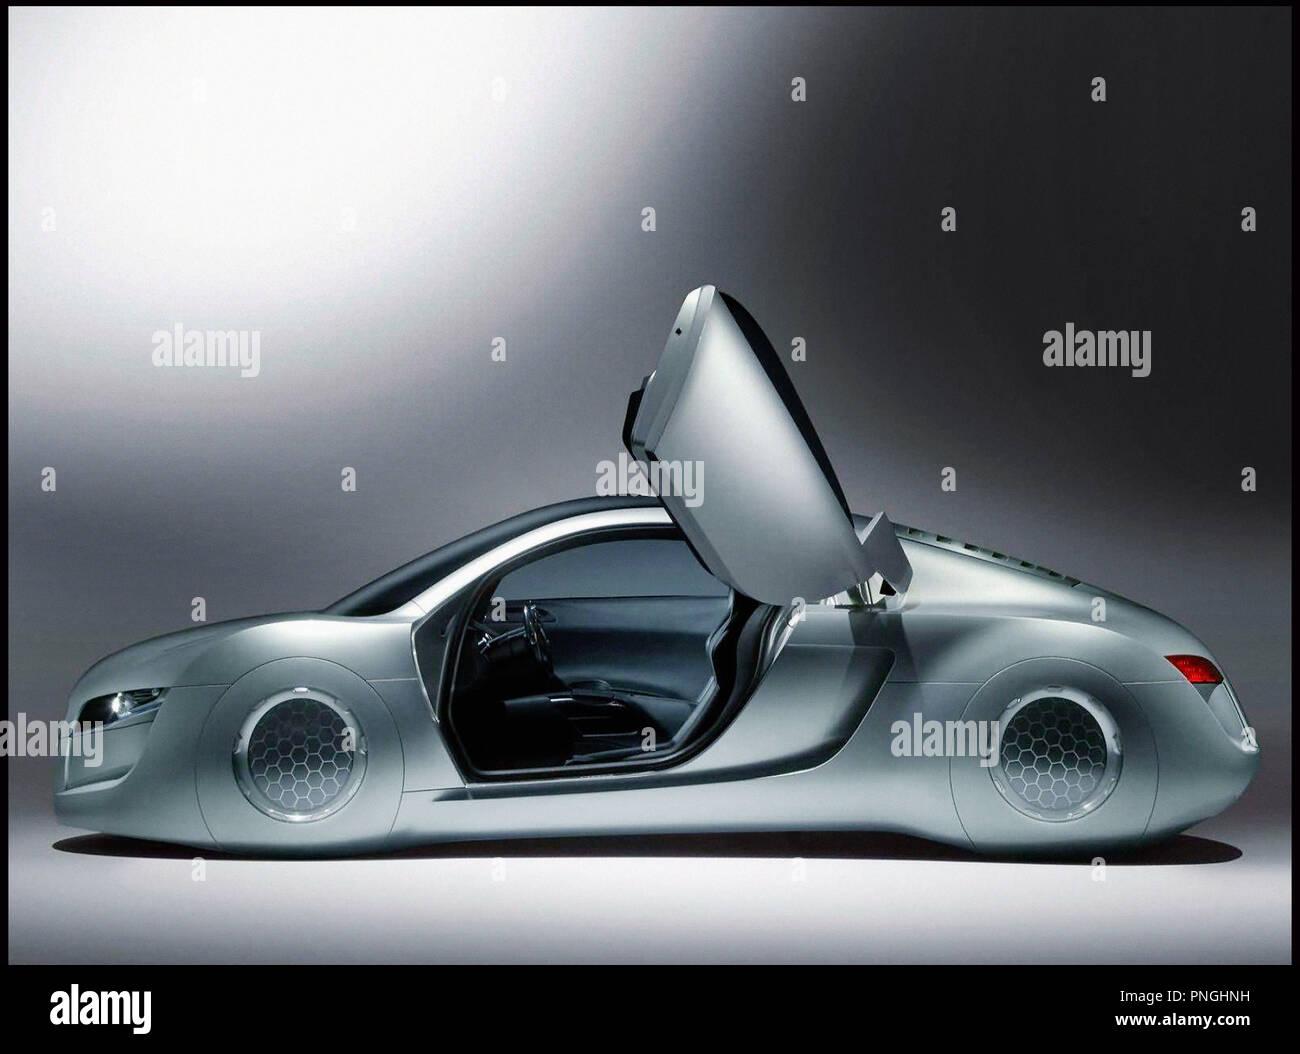 Prod DB © 20th Century Fox - Overbrook Entertainment / DR I, ROBOT (I ROBOT) de Alex Proyas 2004 USA science fiction, anticipation, futuriste, voiture Audi RSQ, concept-car inspire du livre de Isaac Asimov - Stock Image